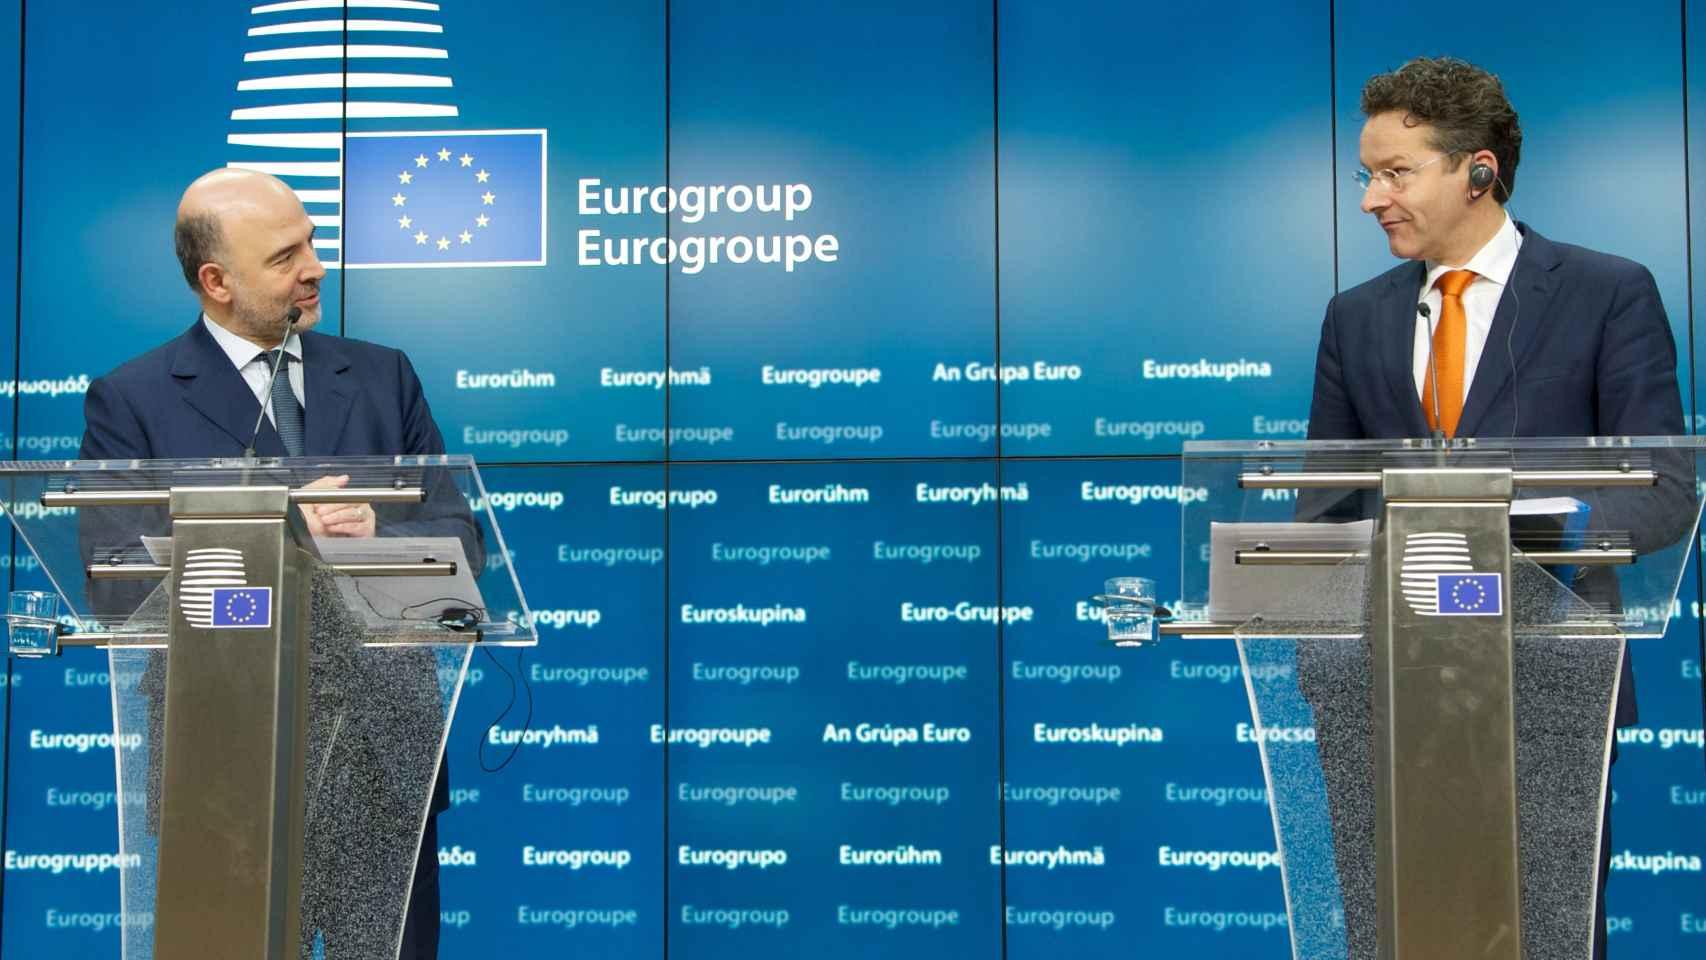 El jefe del Eurogrupo, Jeroen Dijsselbloem, y el comisario Pierre Moscovici